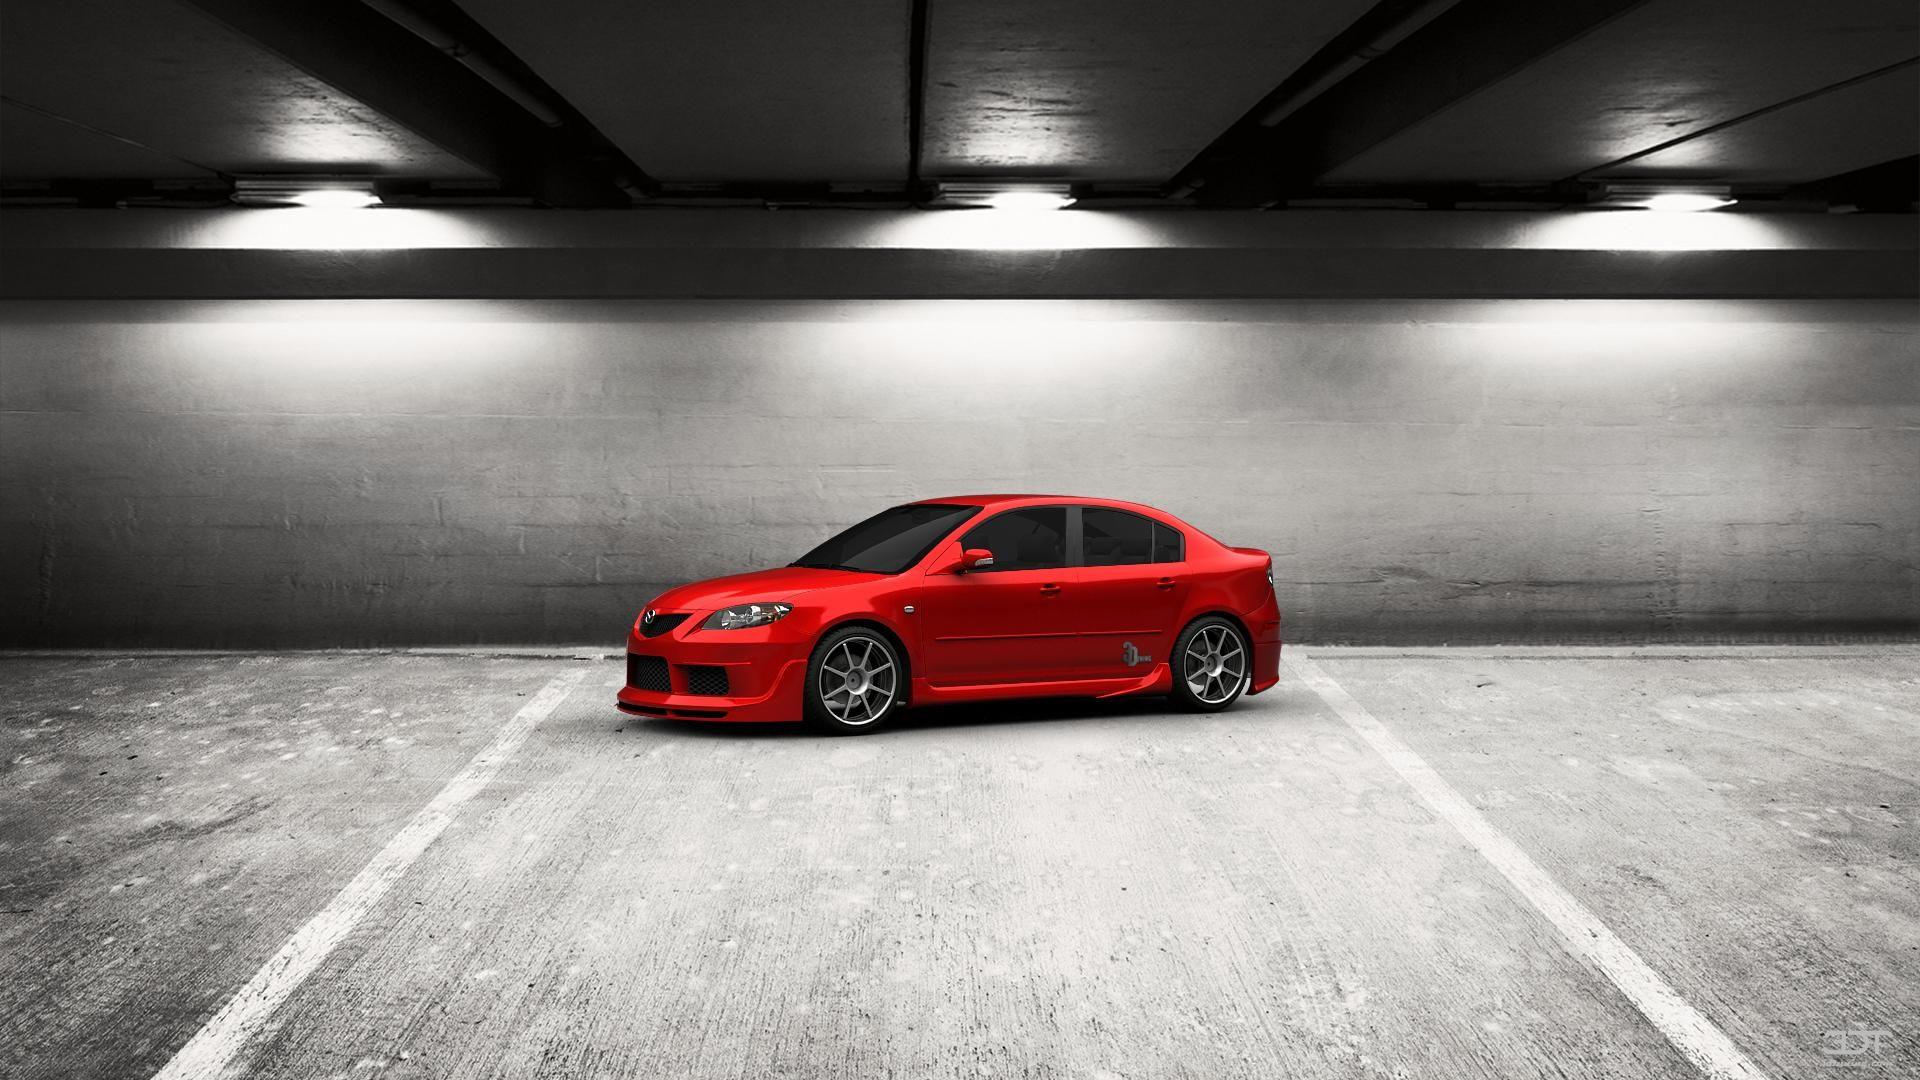 Checkout my tuning #Mazda 3 2004 at 3DTuning #3dtuning #tuning